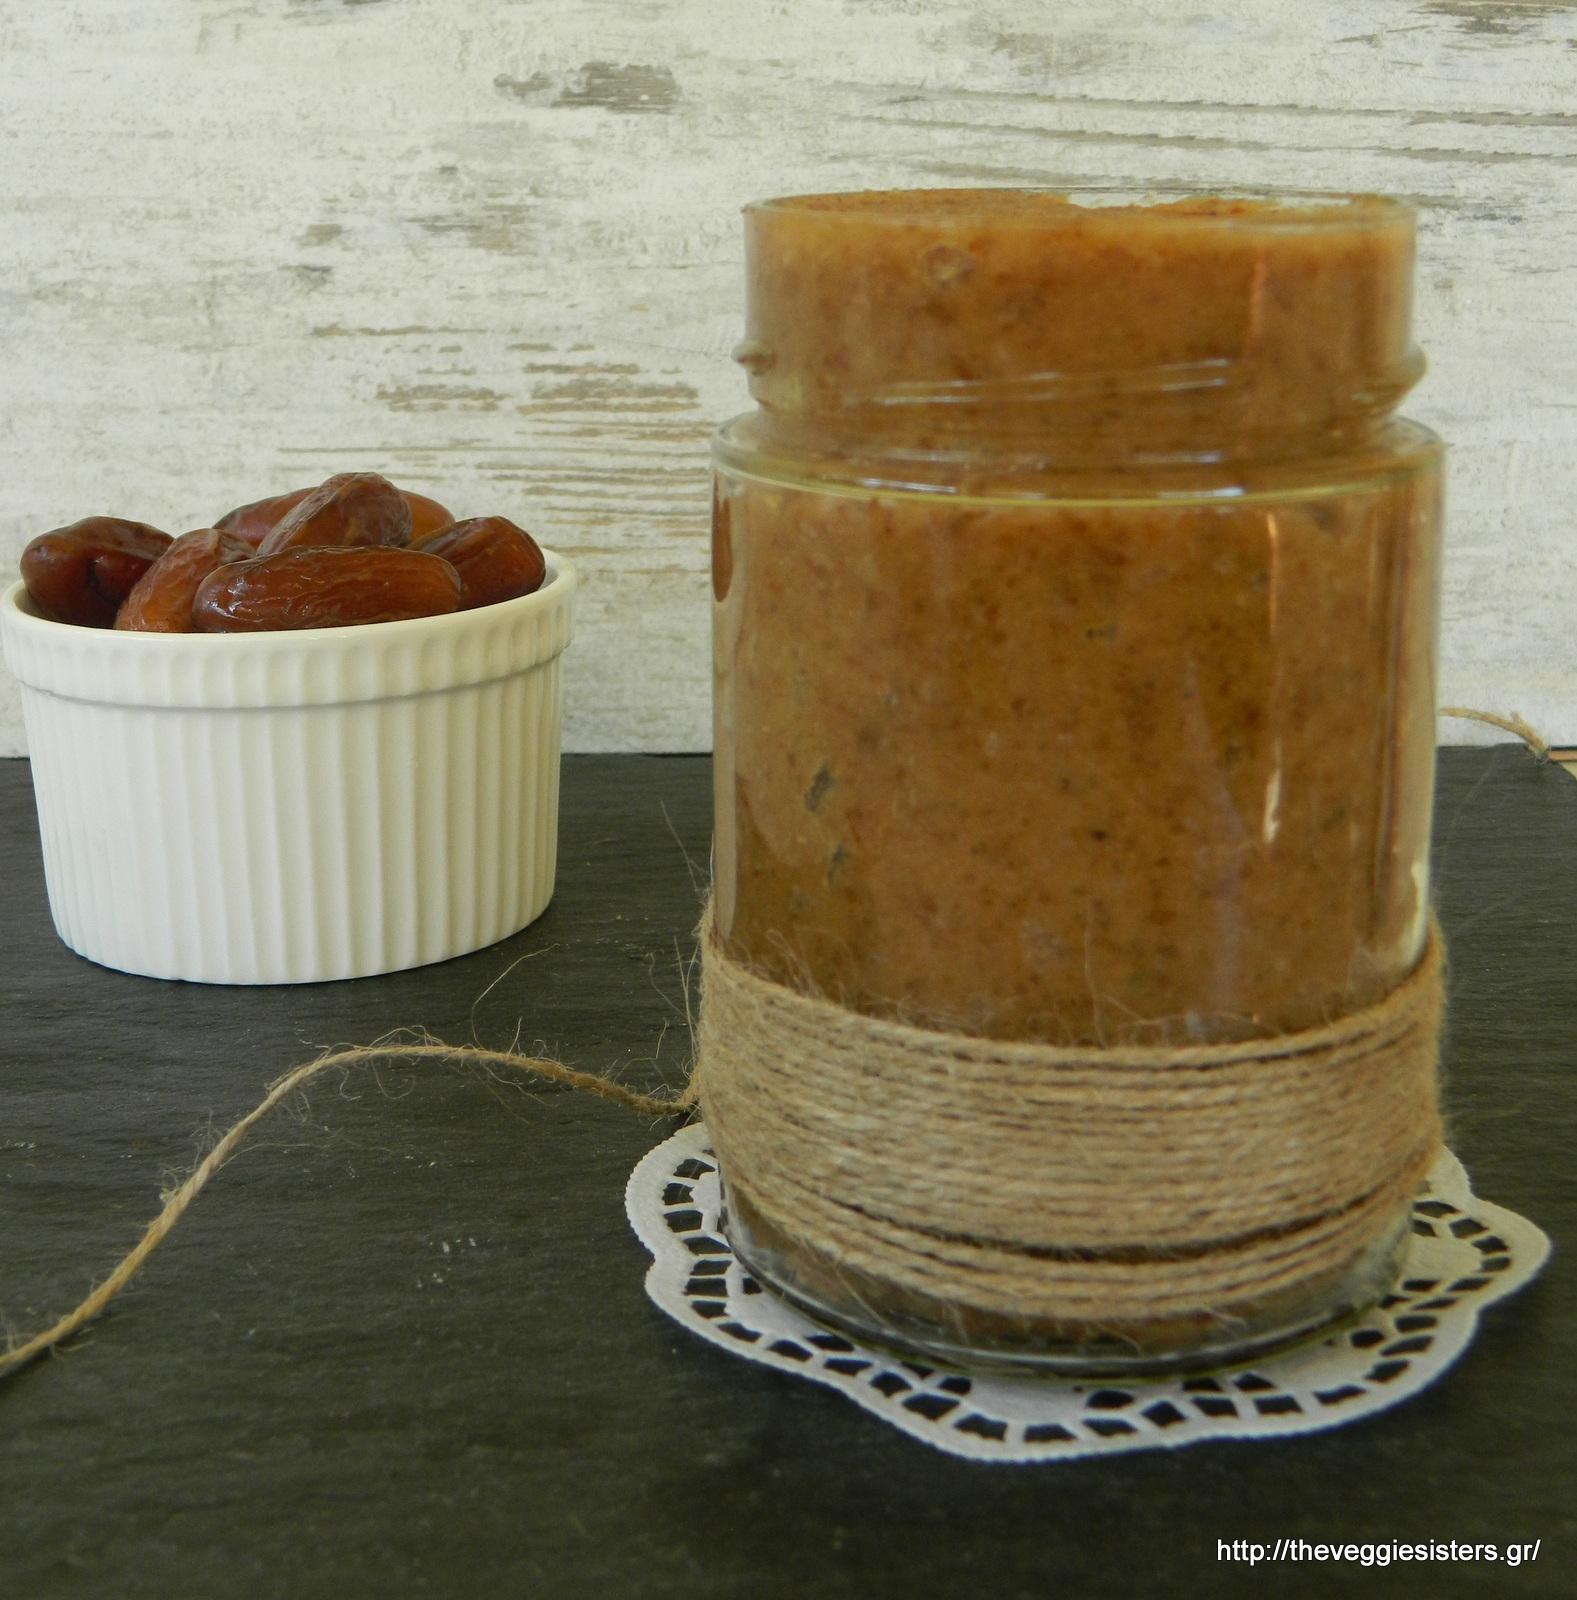 Υγιεινή πανεύκολη καραμέλα από...χουρμάδες! - Healthy supereasy date caramel!